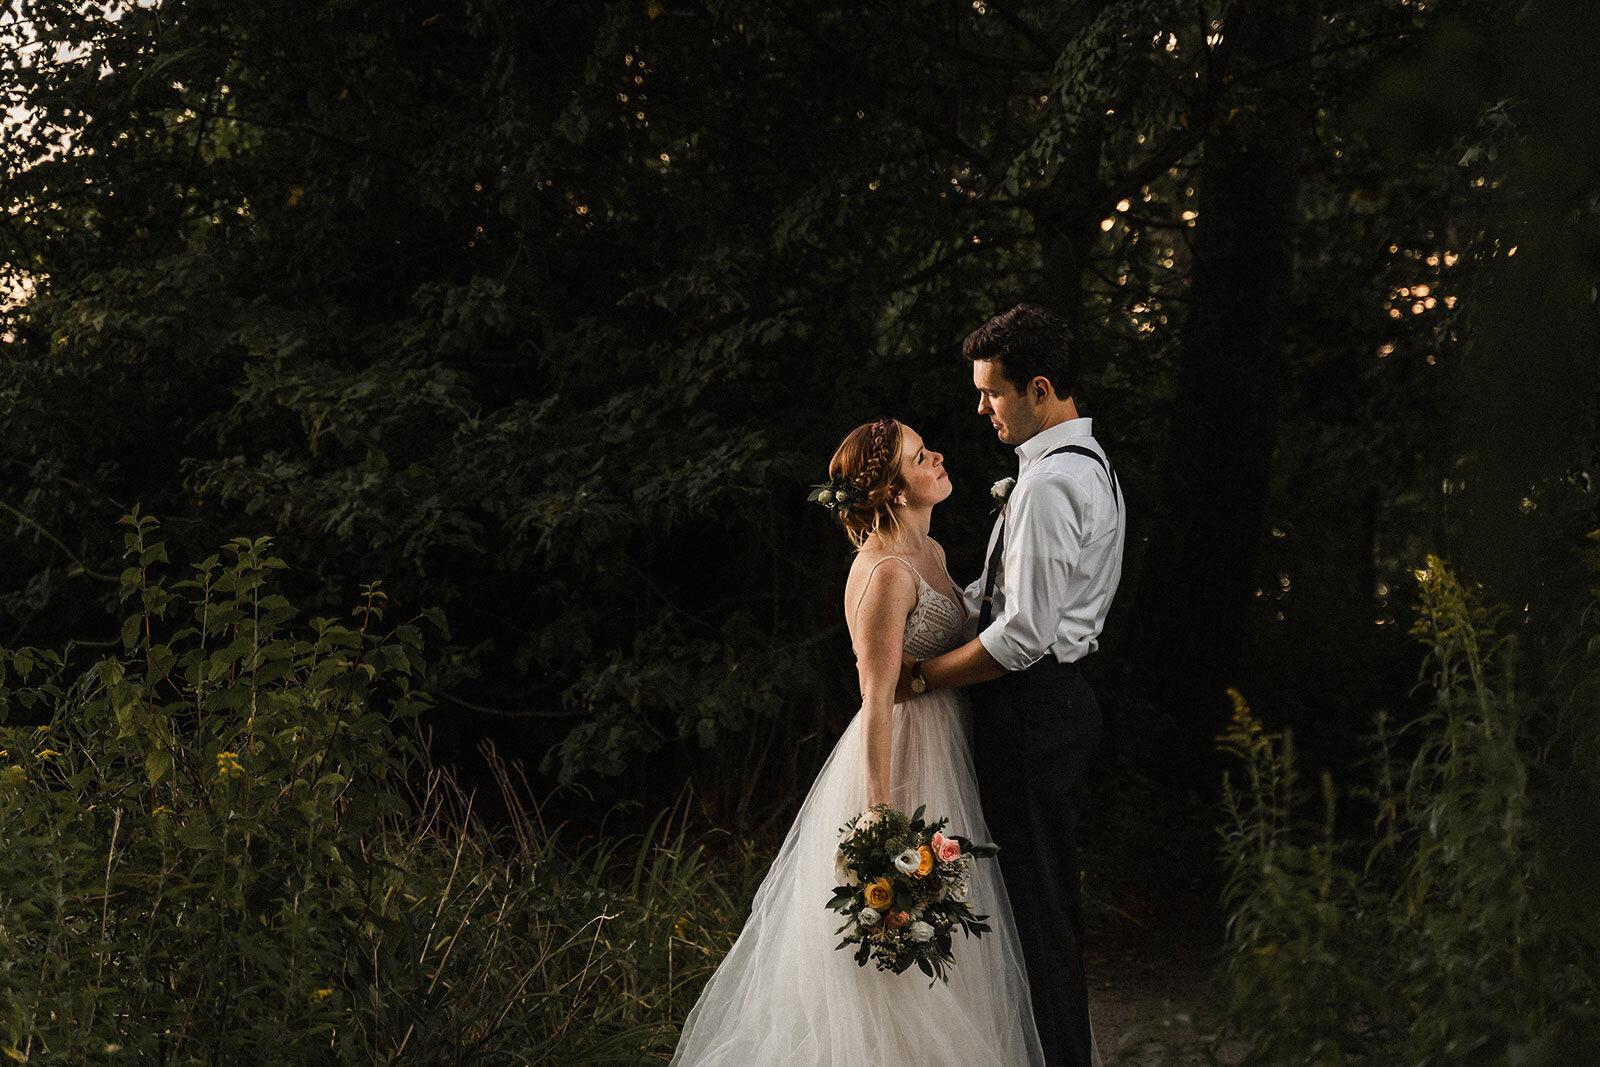 Newlyweds embrace under trees Rachel Epperly Film and Photo Portland Oregon